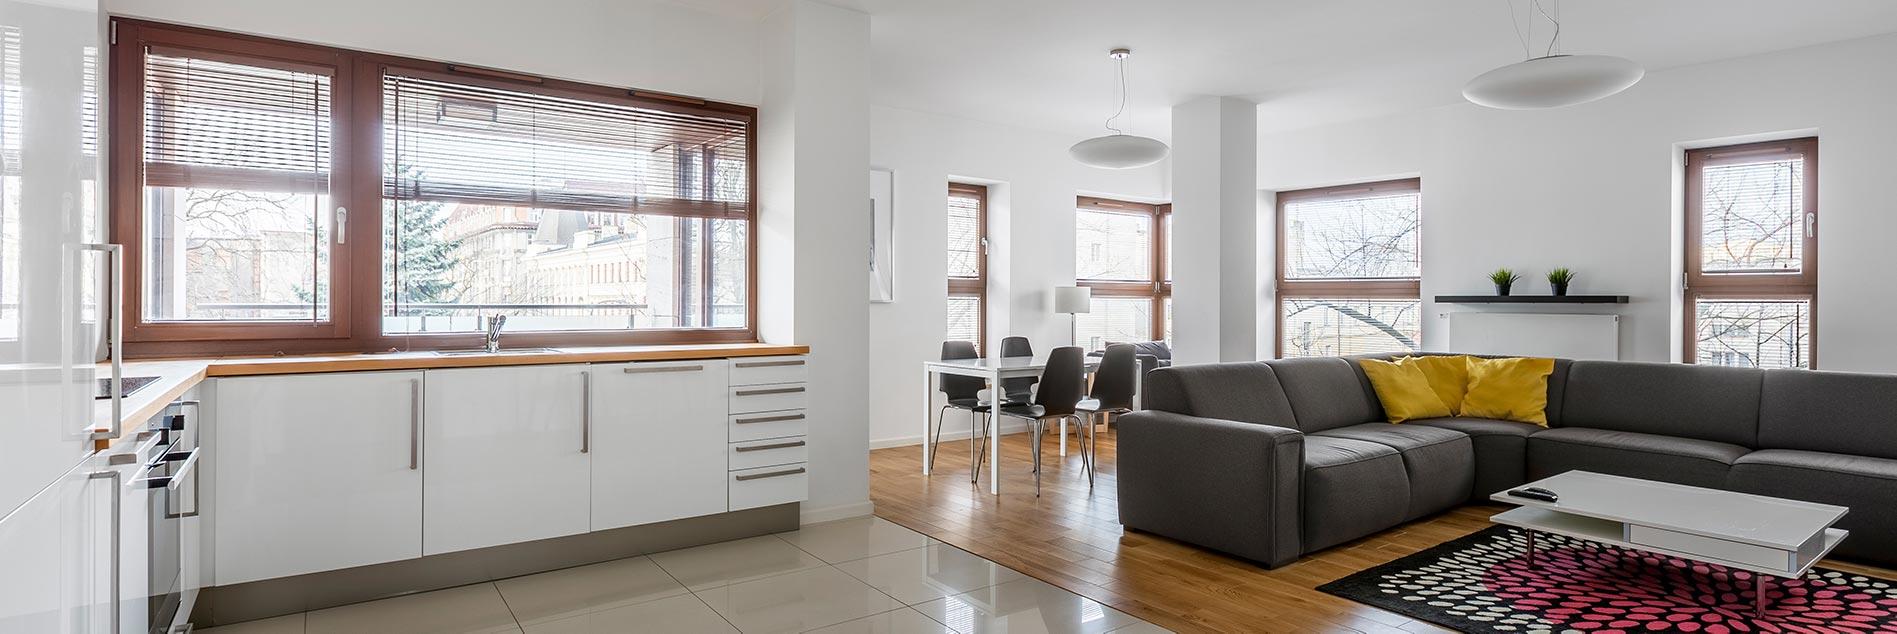 Fenster in Holzoptik lassen den Wohnraum warm und einladend wirken.